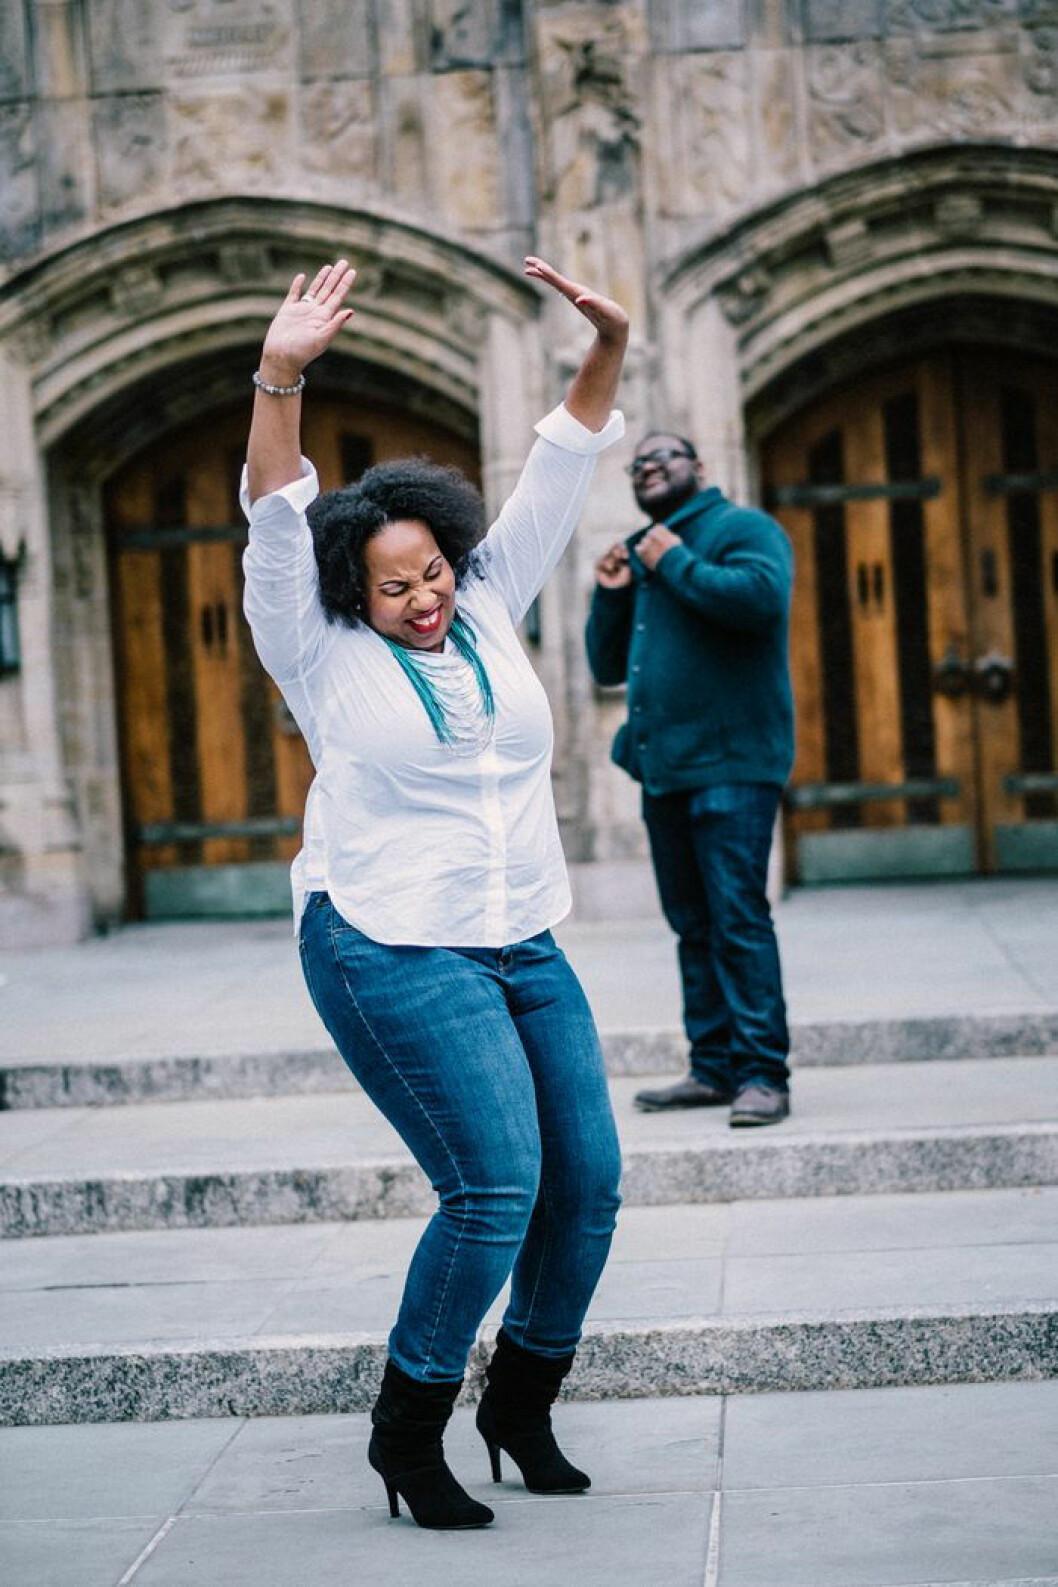 Kvinna som dansar på ett torg.